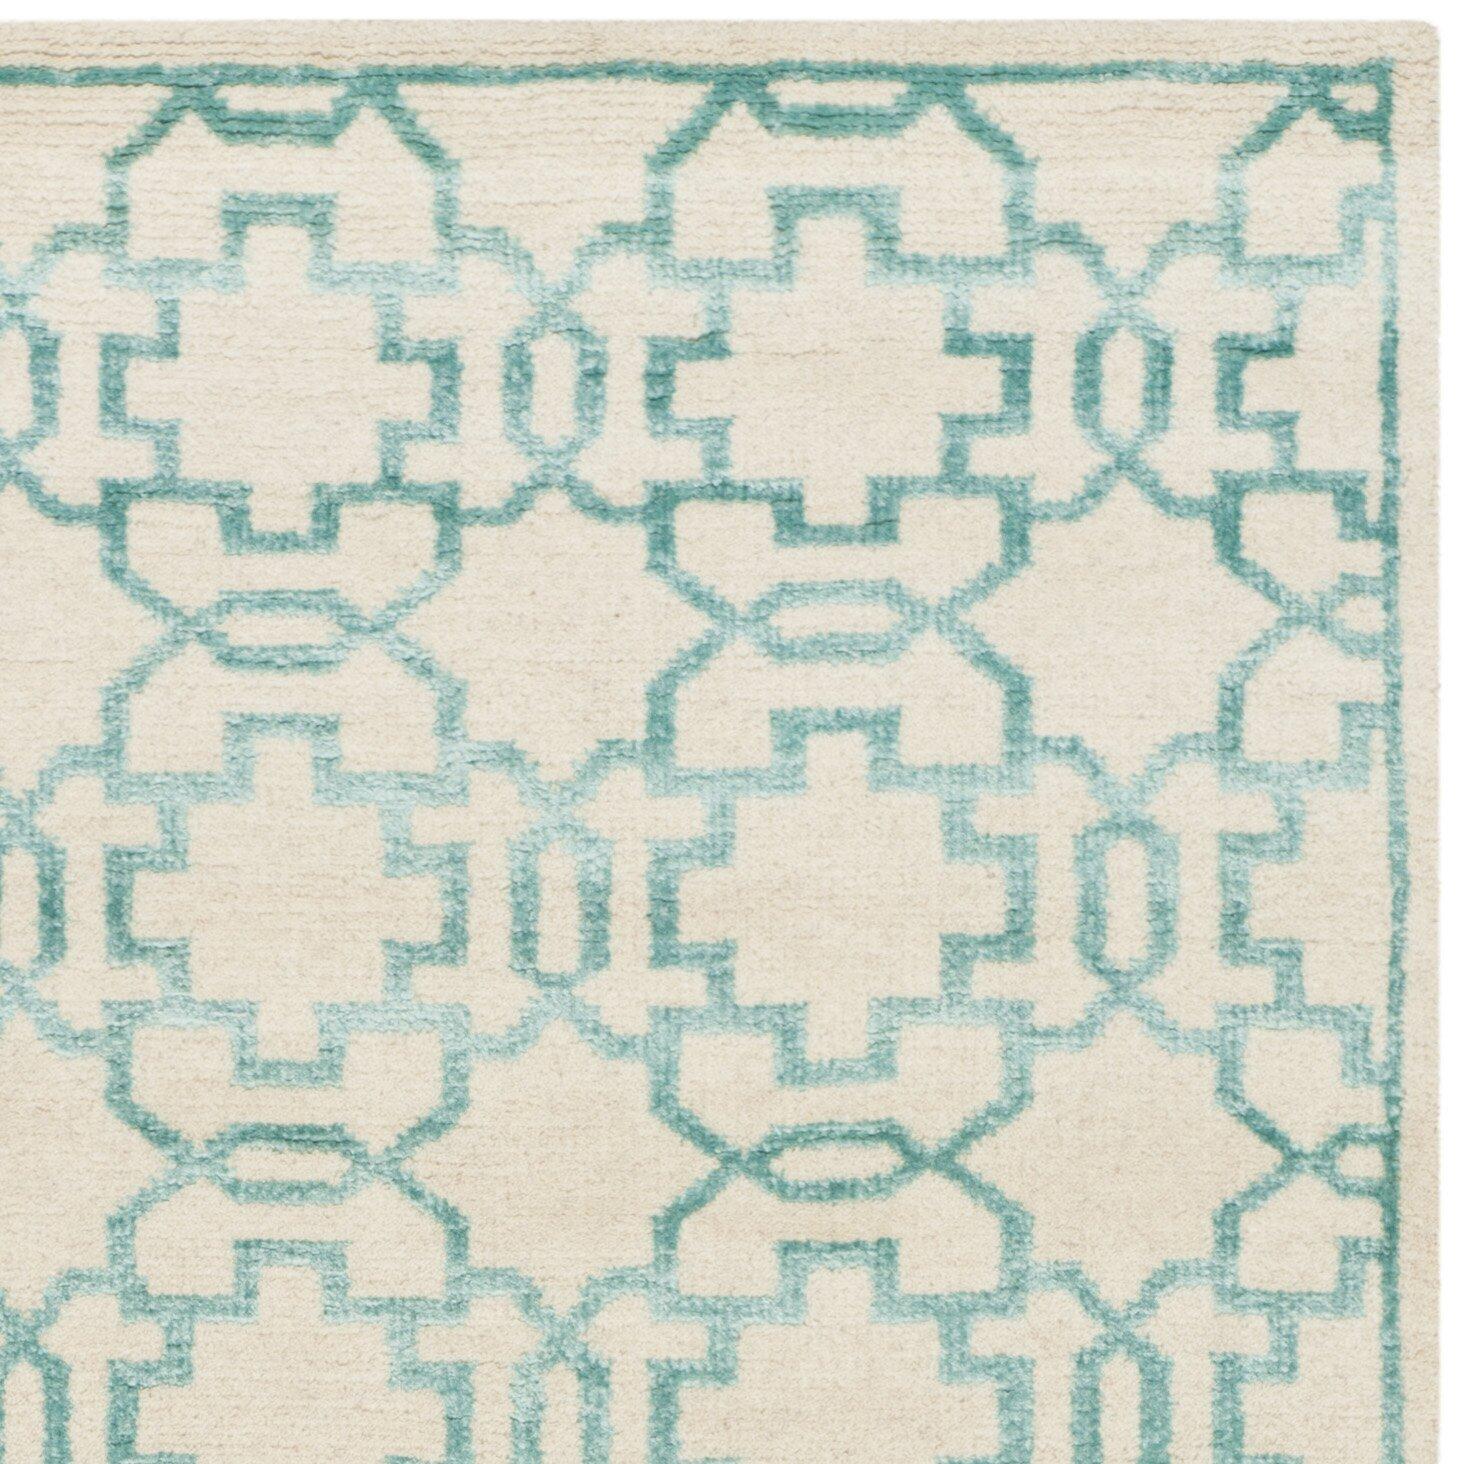 Safavieh Handgeknüpfter Teppich in CremeAquamarin von